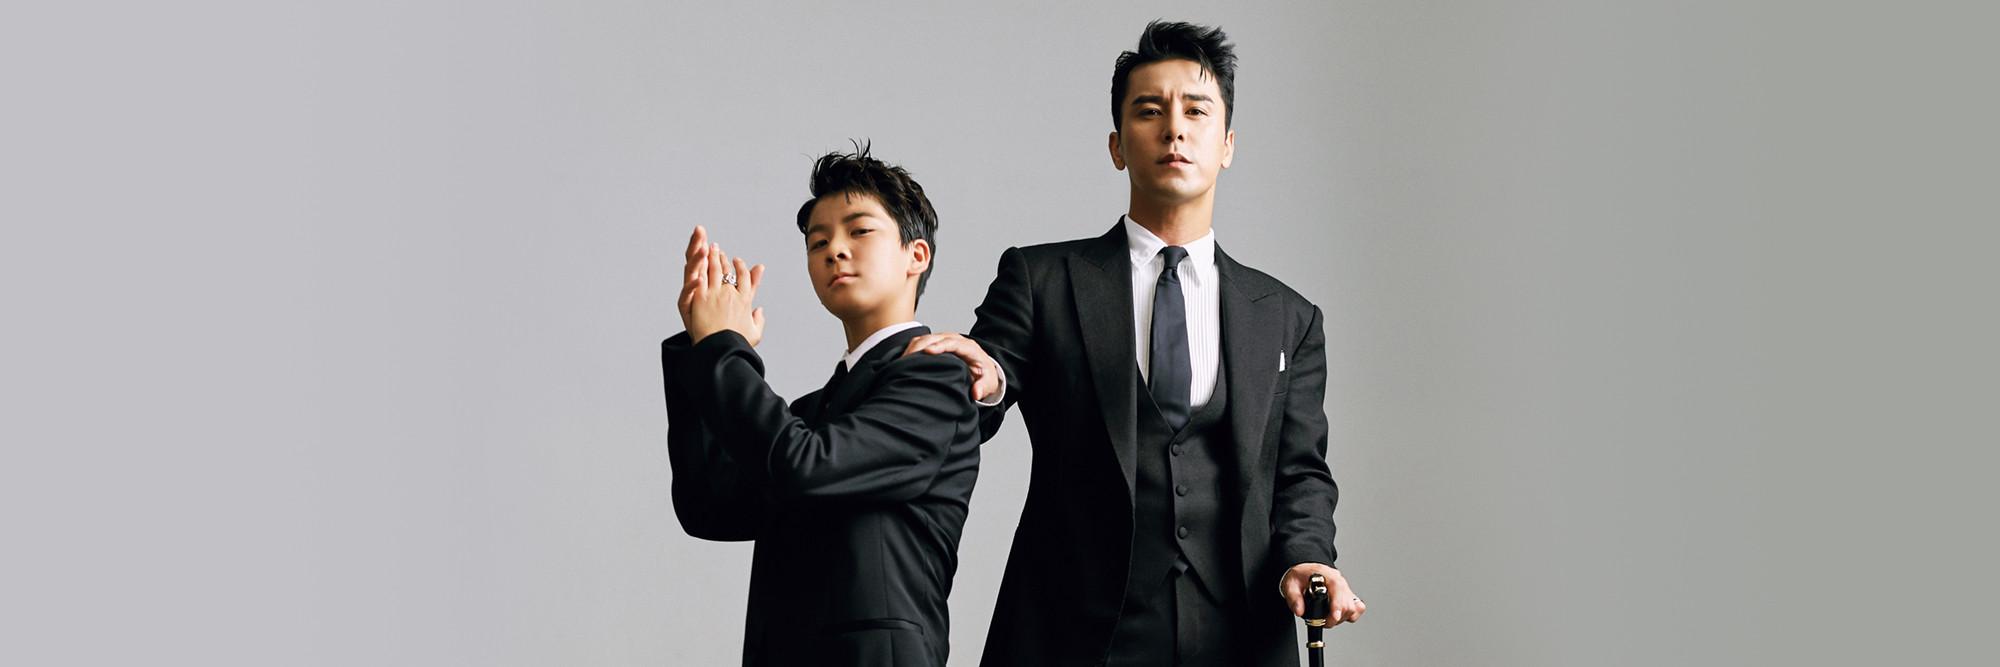 트로트 파트너즈, <br>장민호 & 정동원